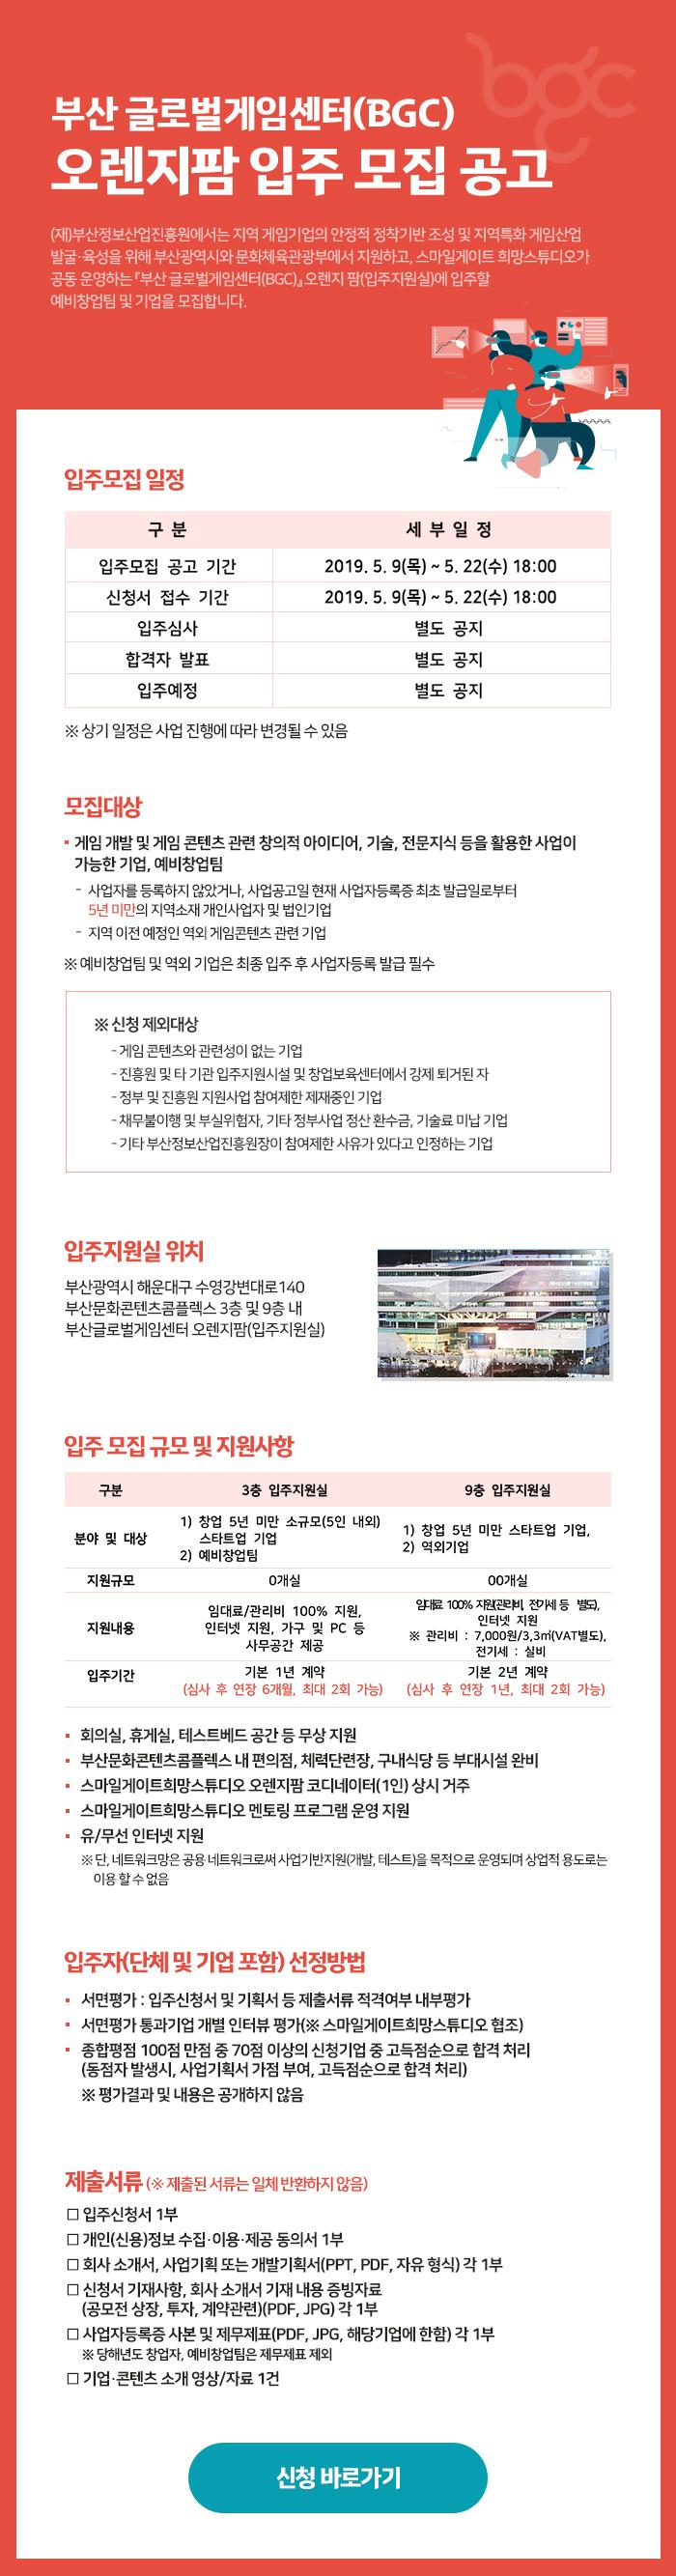 부산 글로벌게임센터(BGC) 오렌지팜 입주 모집 공고